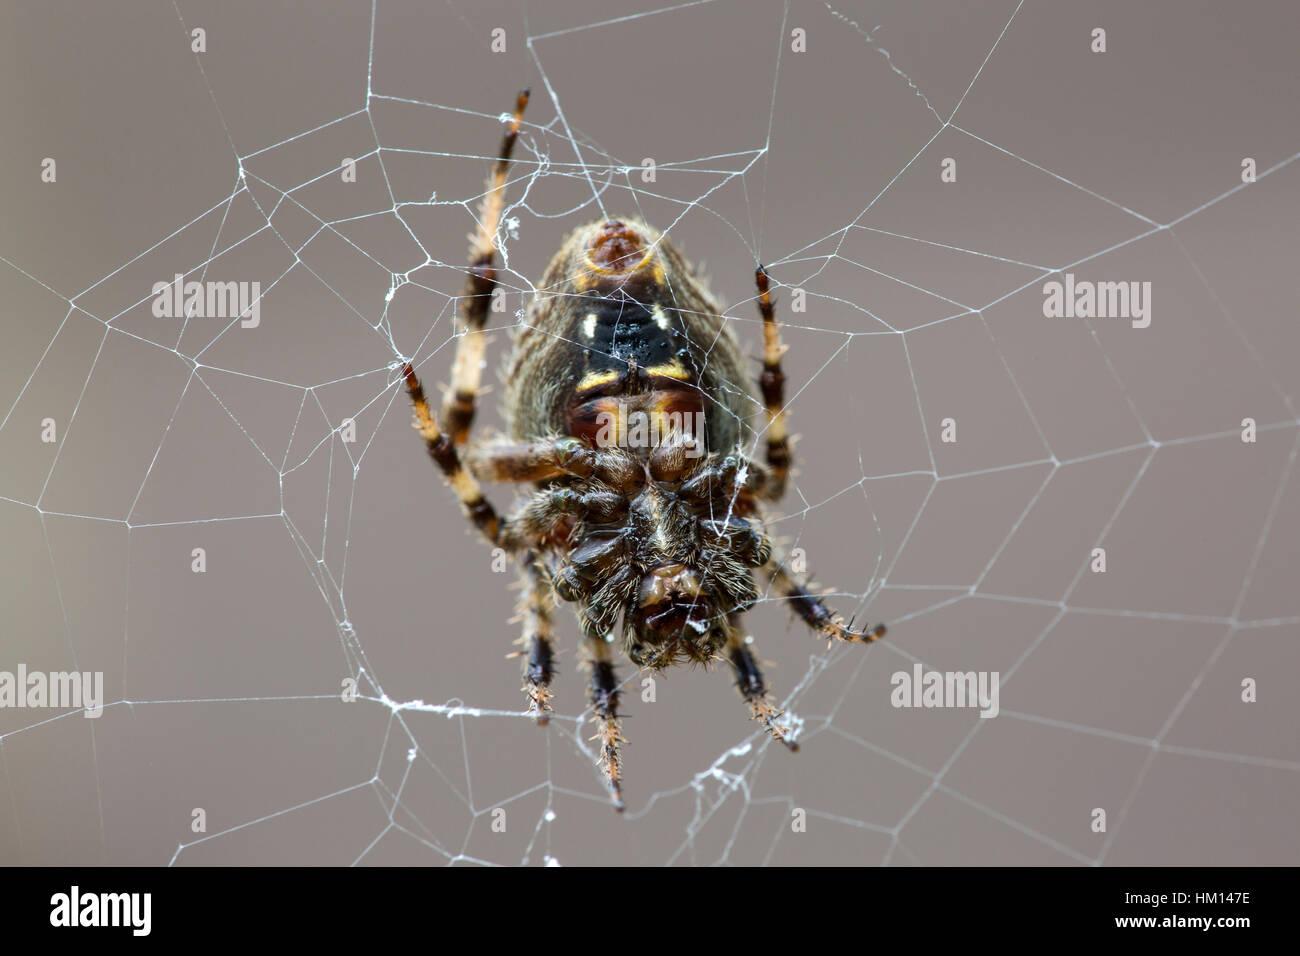 Orbweaver spider in web - Stock Image